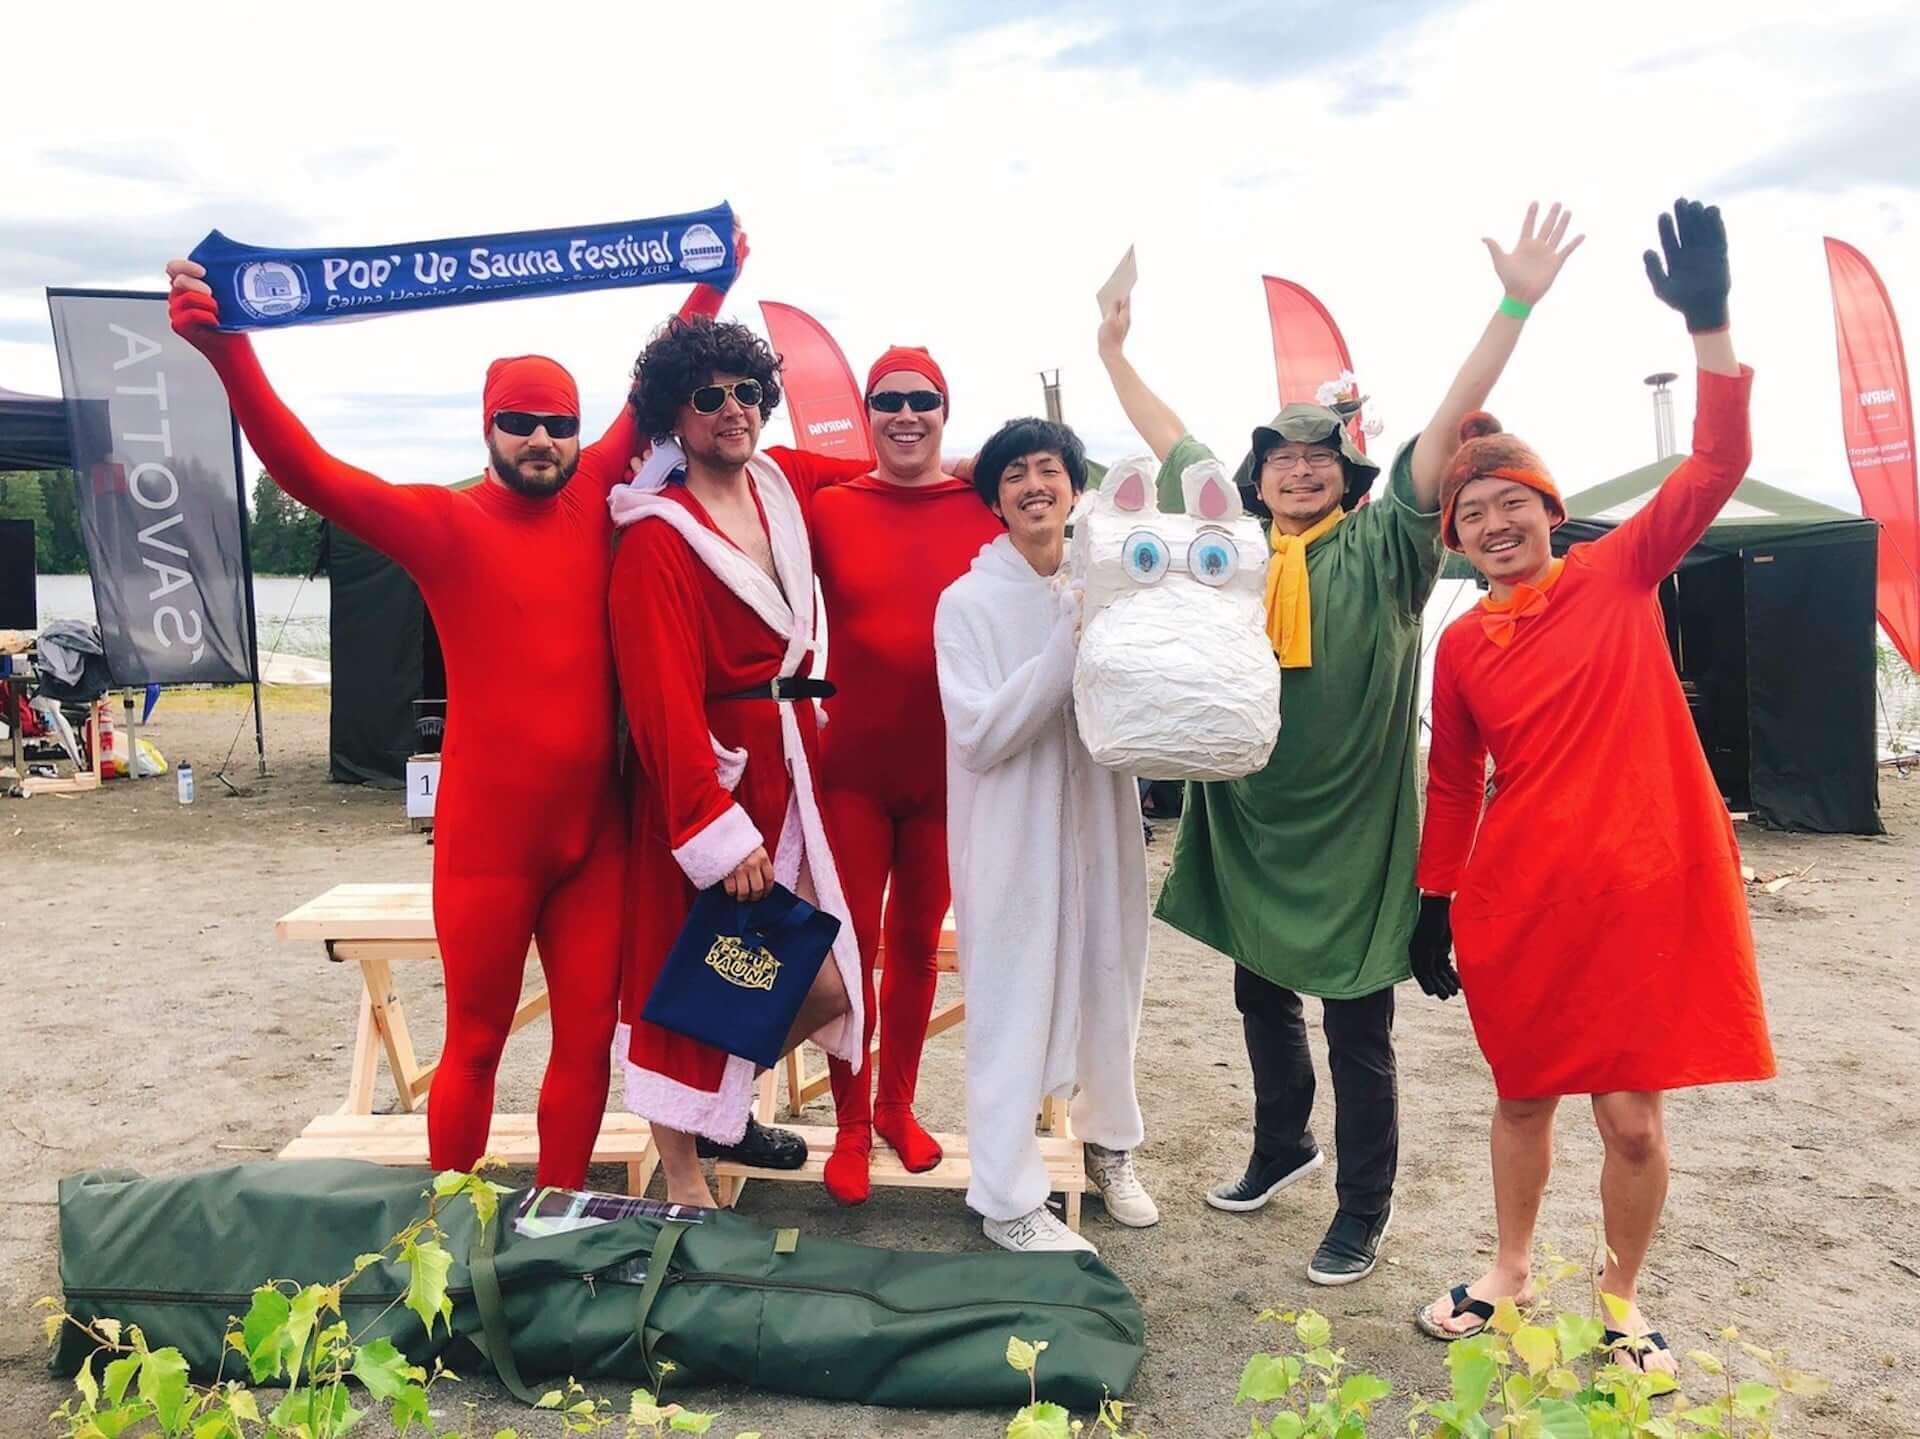 """""""本物のサウナ""""を楽しもう!日本最大級のサウナイベント<SAUNA FES JAPAN>が過去最大規模で開催決定 life200306_sauna_2-1920x1439"""